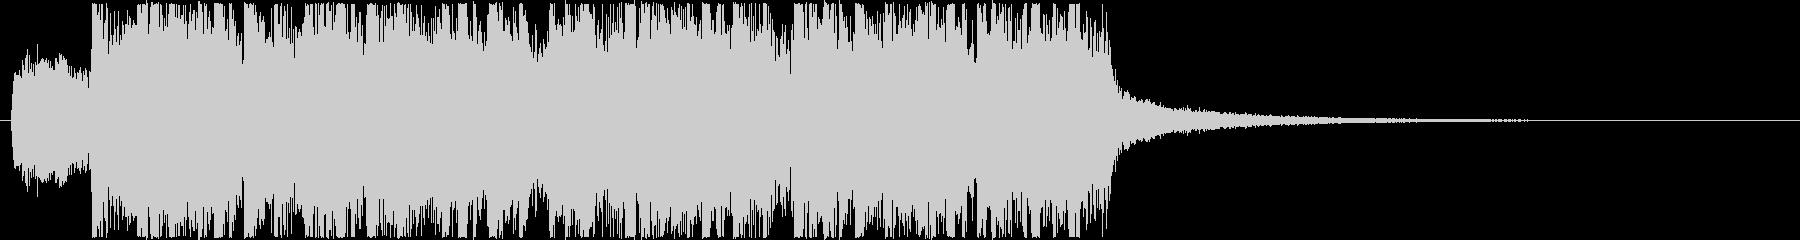 生演奏メタルなアイキャッチ10の未再生の波形